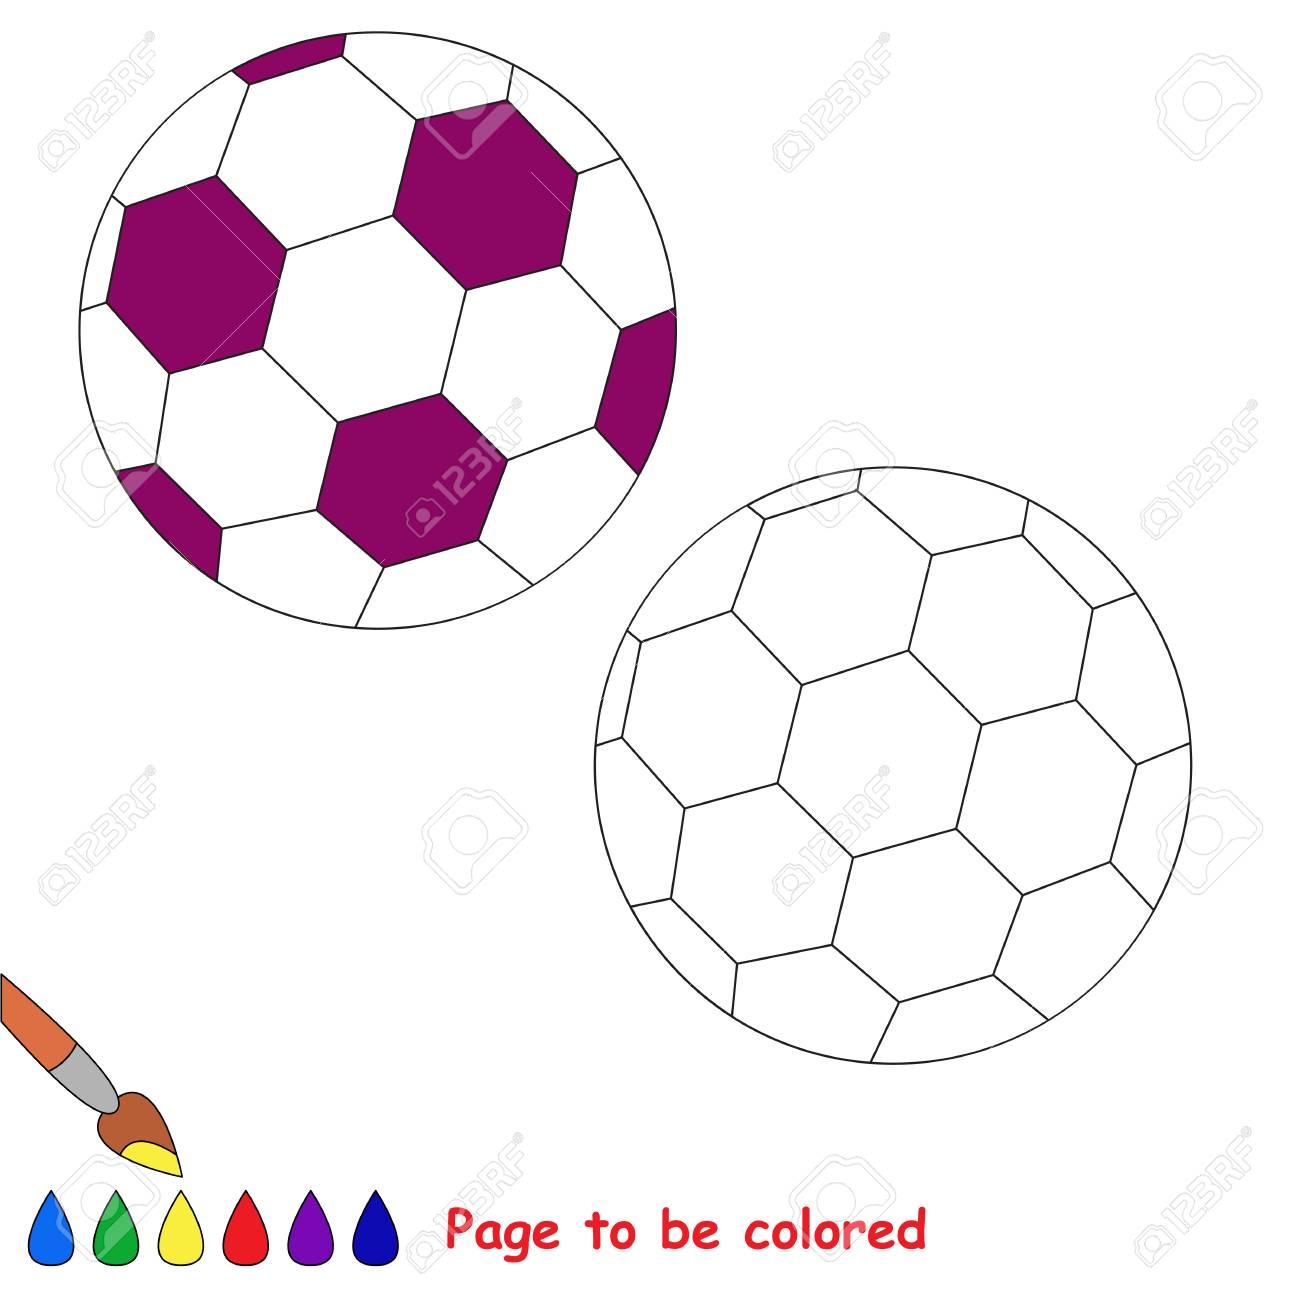 Ballon De Football à Colorier Le Livre De Coloriage Pour Les Enfants Dâge Préscolaire Avec Un Niveau De Jeu éducatif Facile